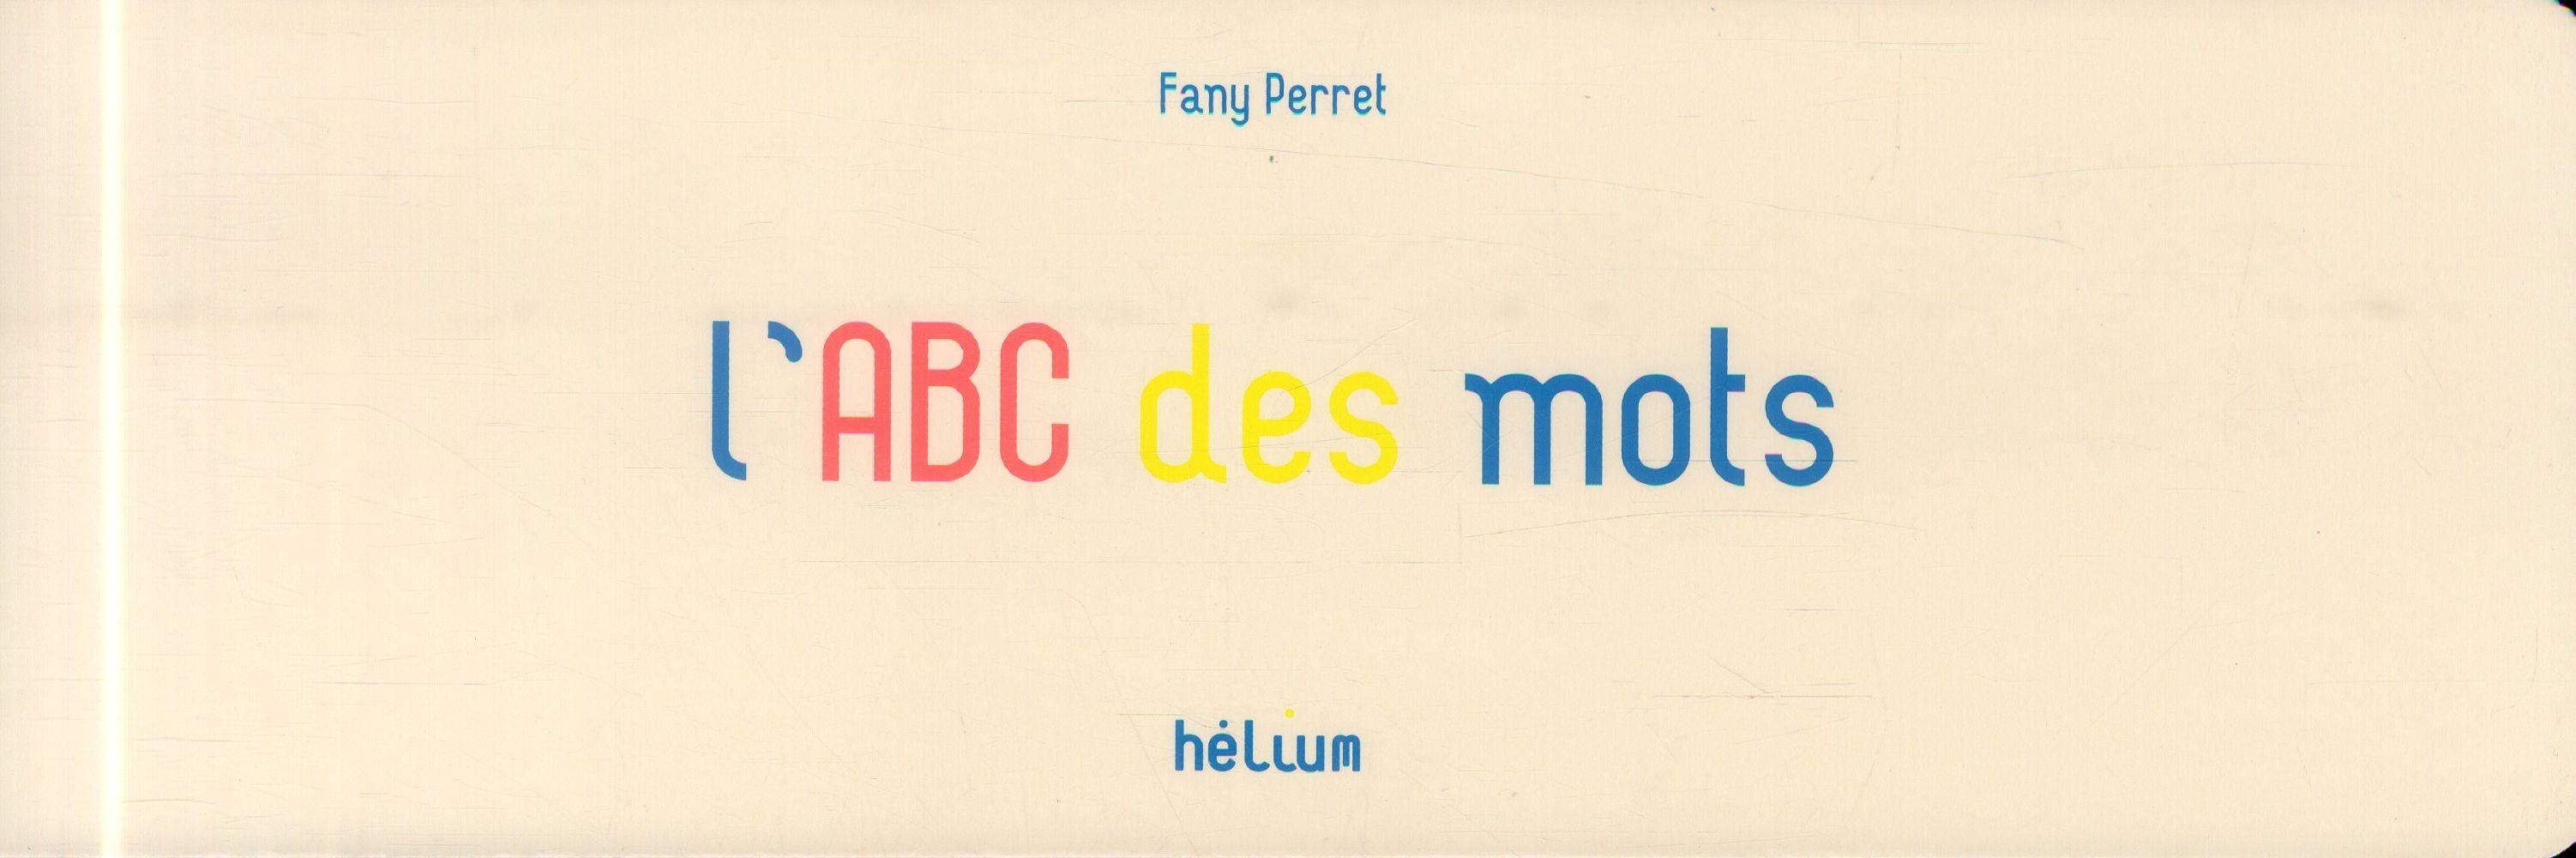 ABC DES MOTS